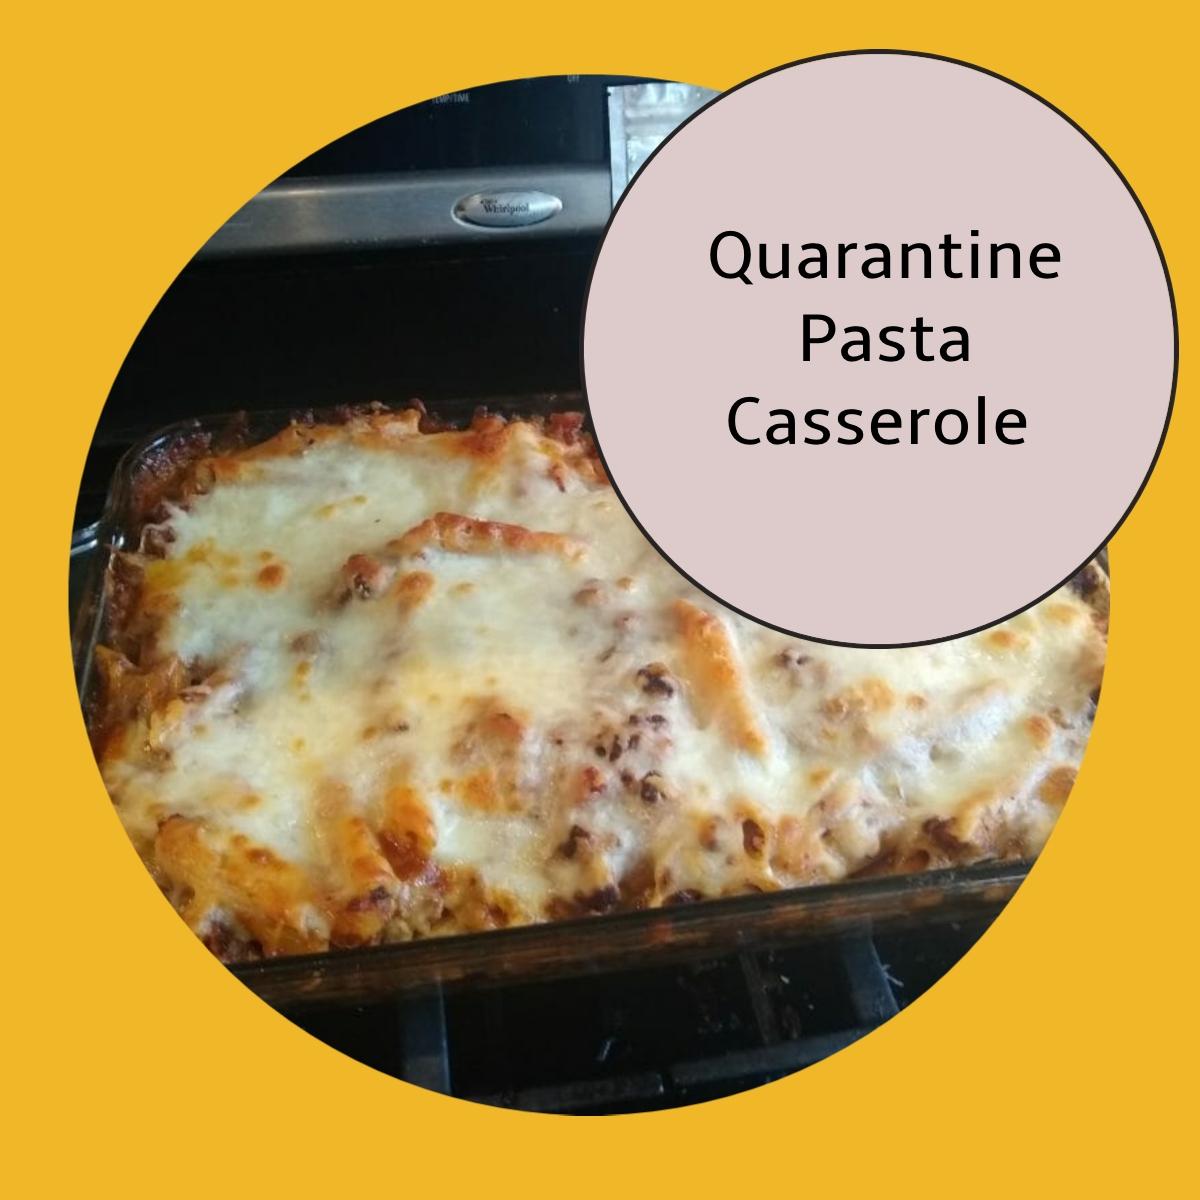 cheesy pasta casserole recipe